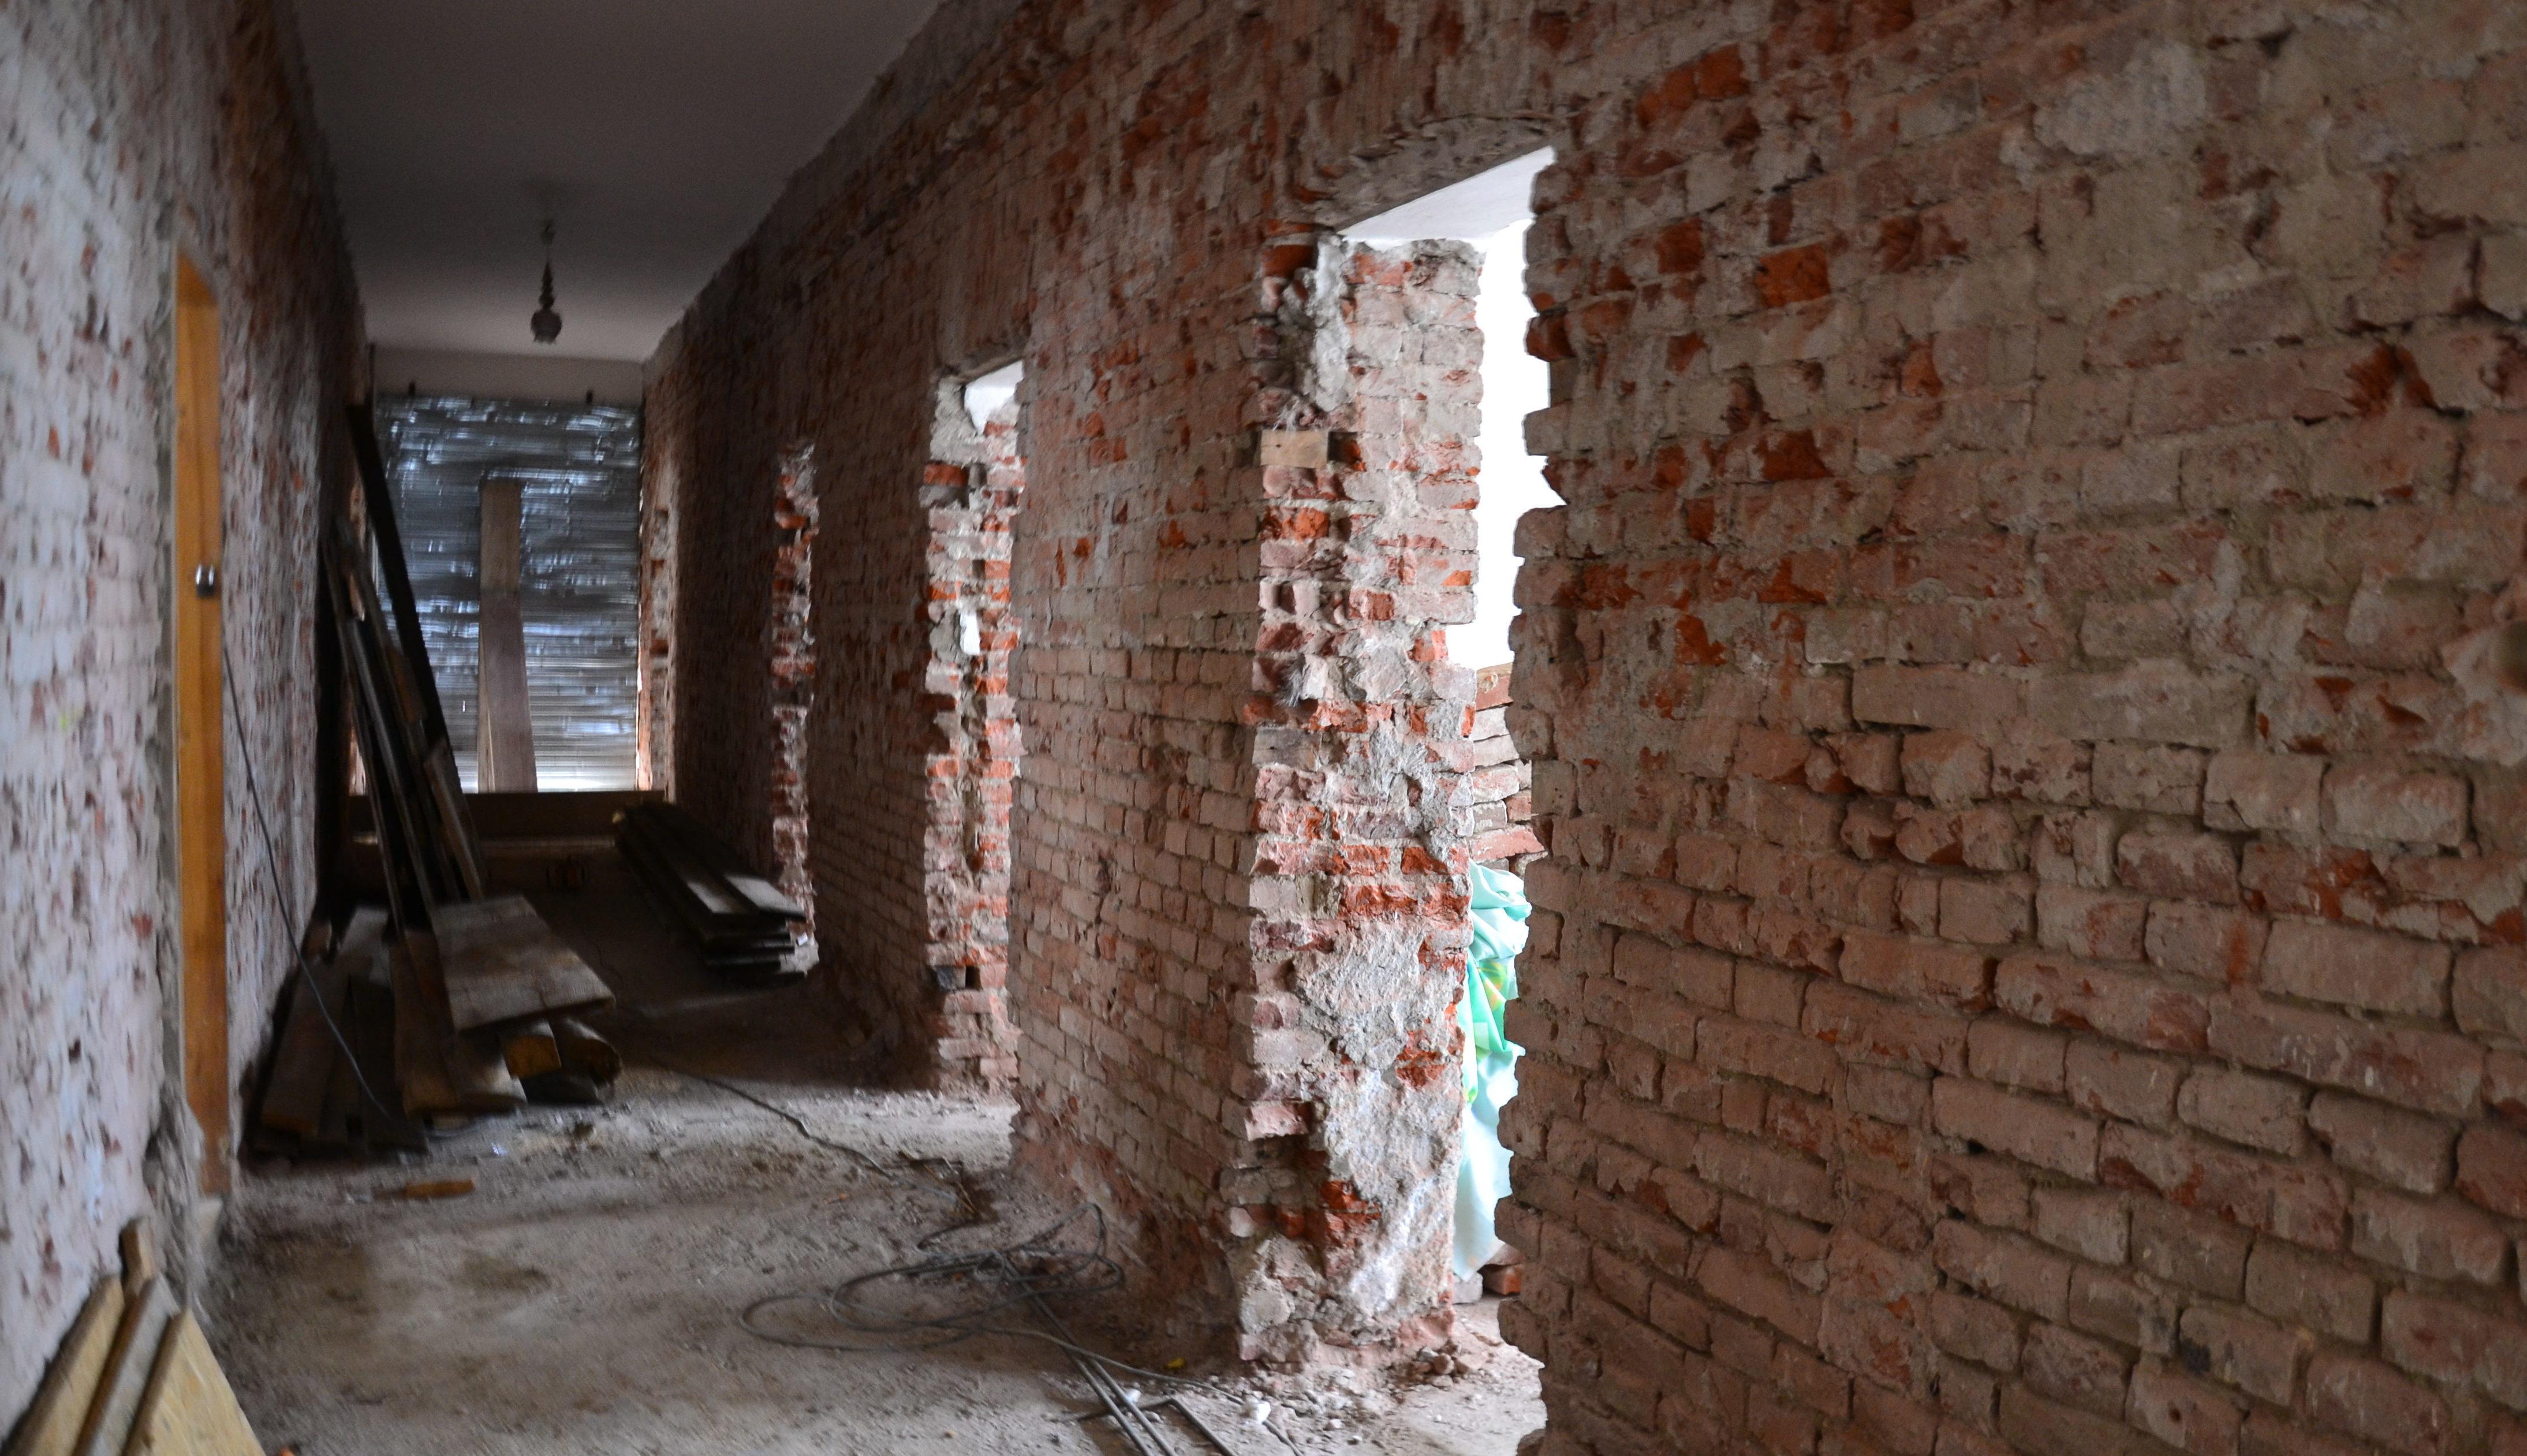 Dalszy etap prac konserwatorsko-remontowych